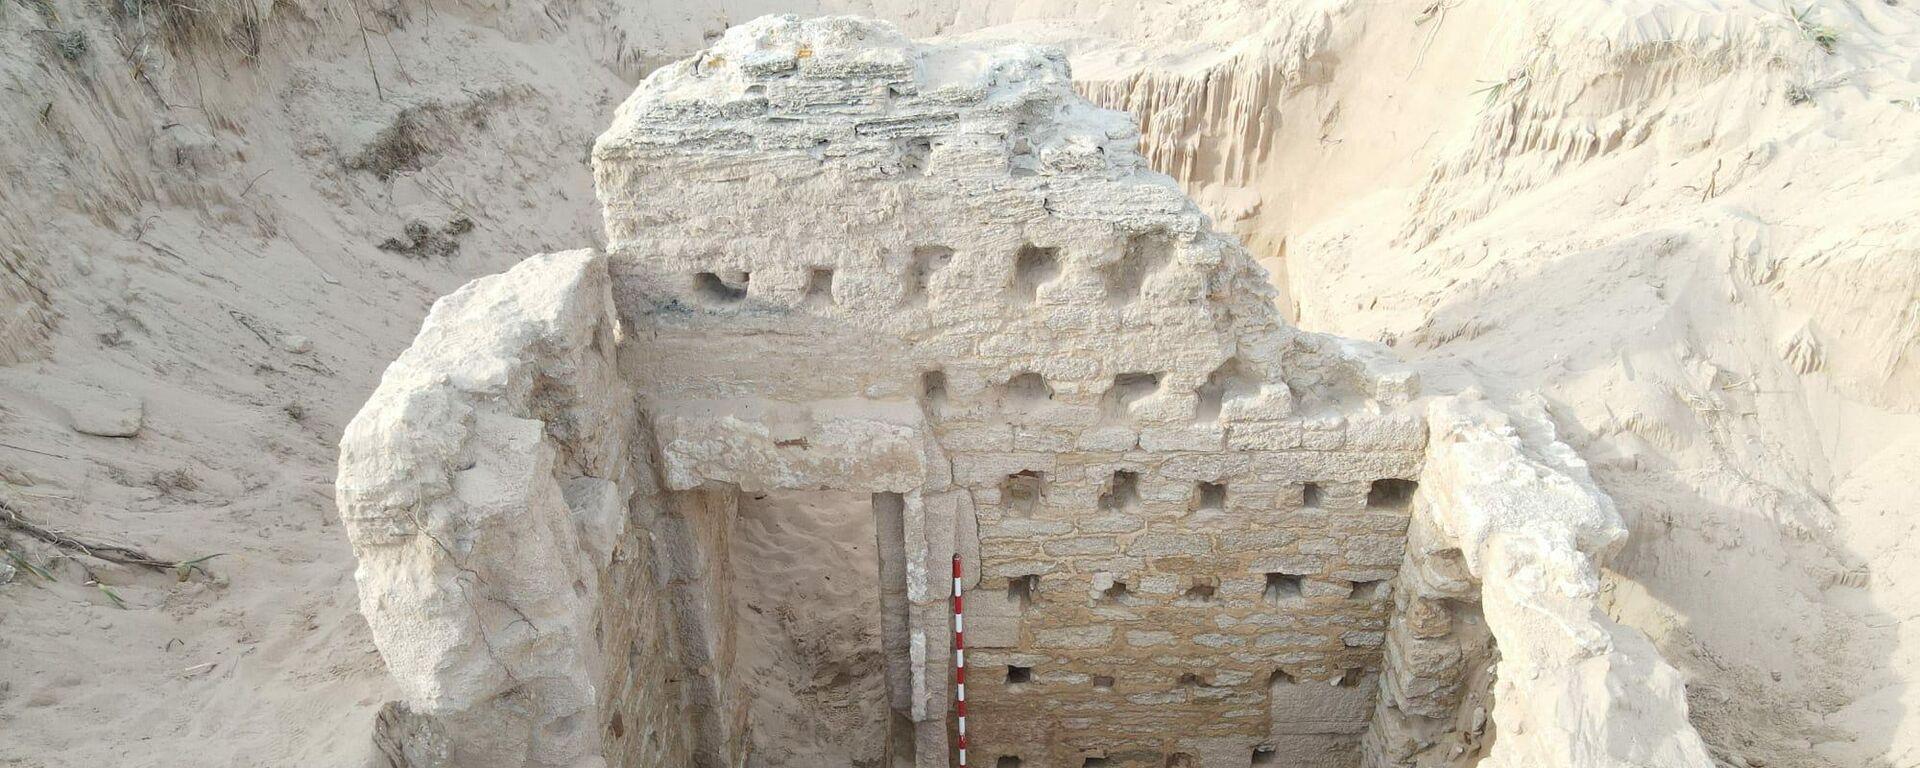 Fachada de una de las habitaciones del balneum romano de Cádiz - Sputnik Mundo, 1920, 19.05.2021